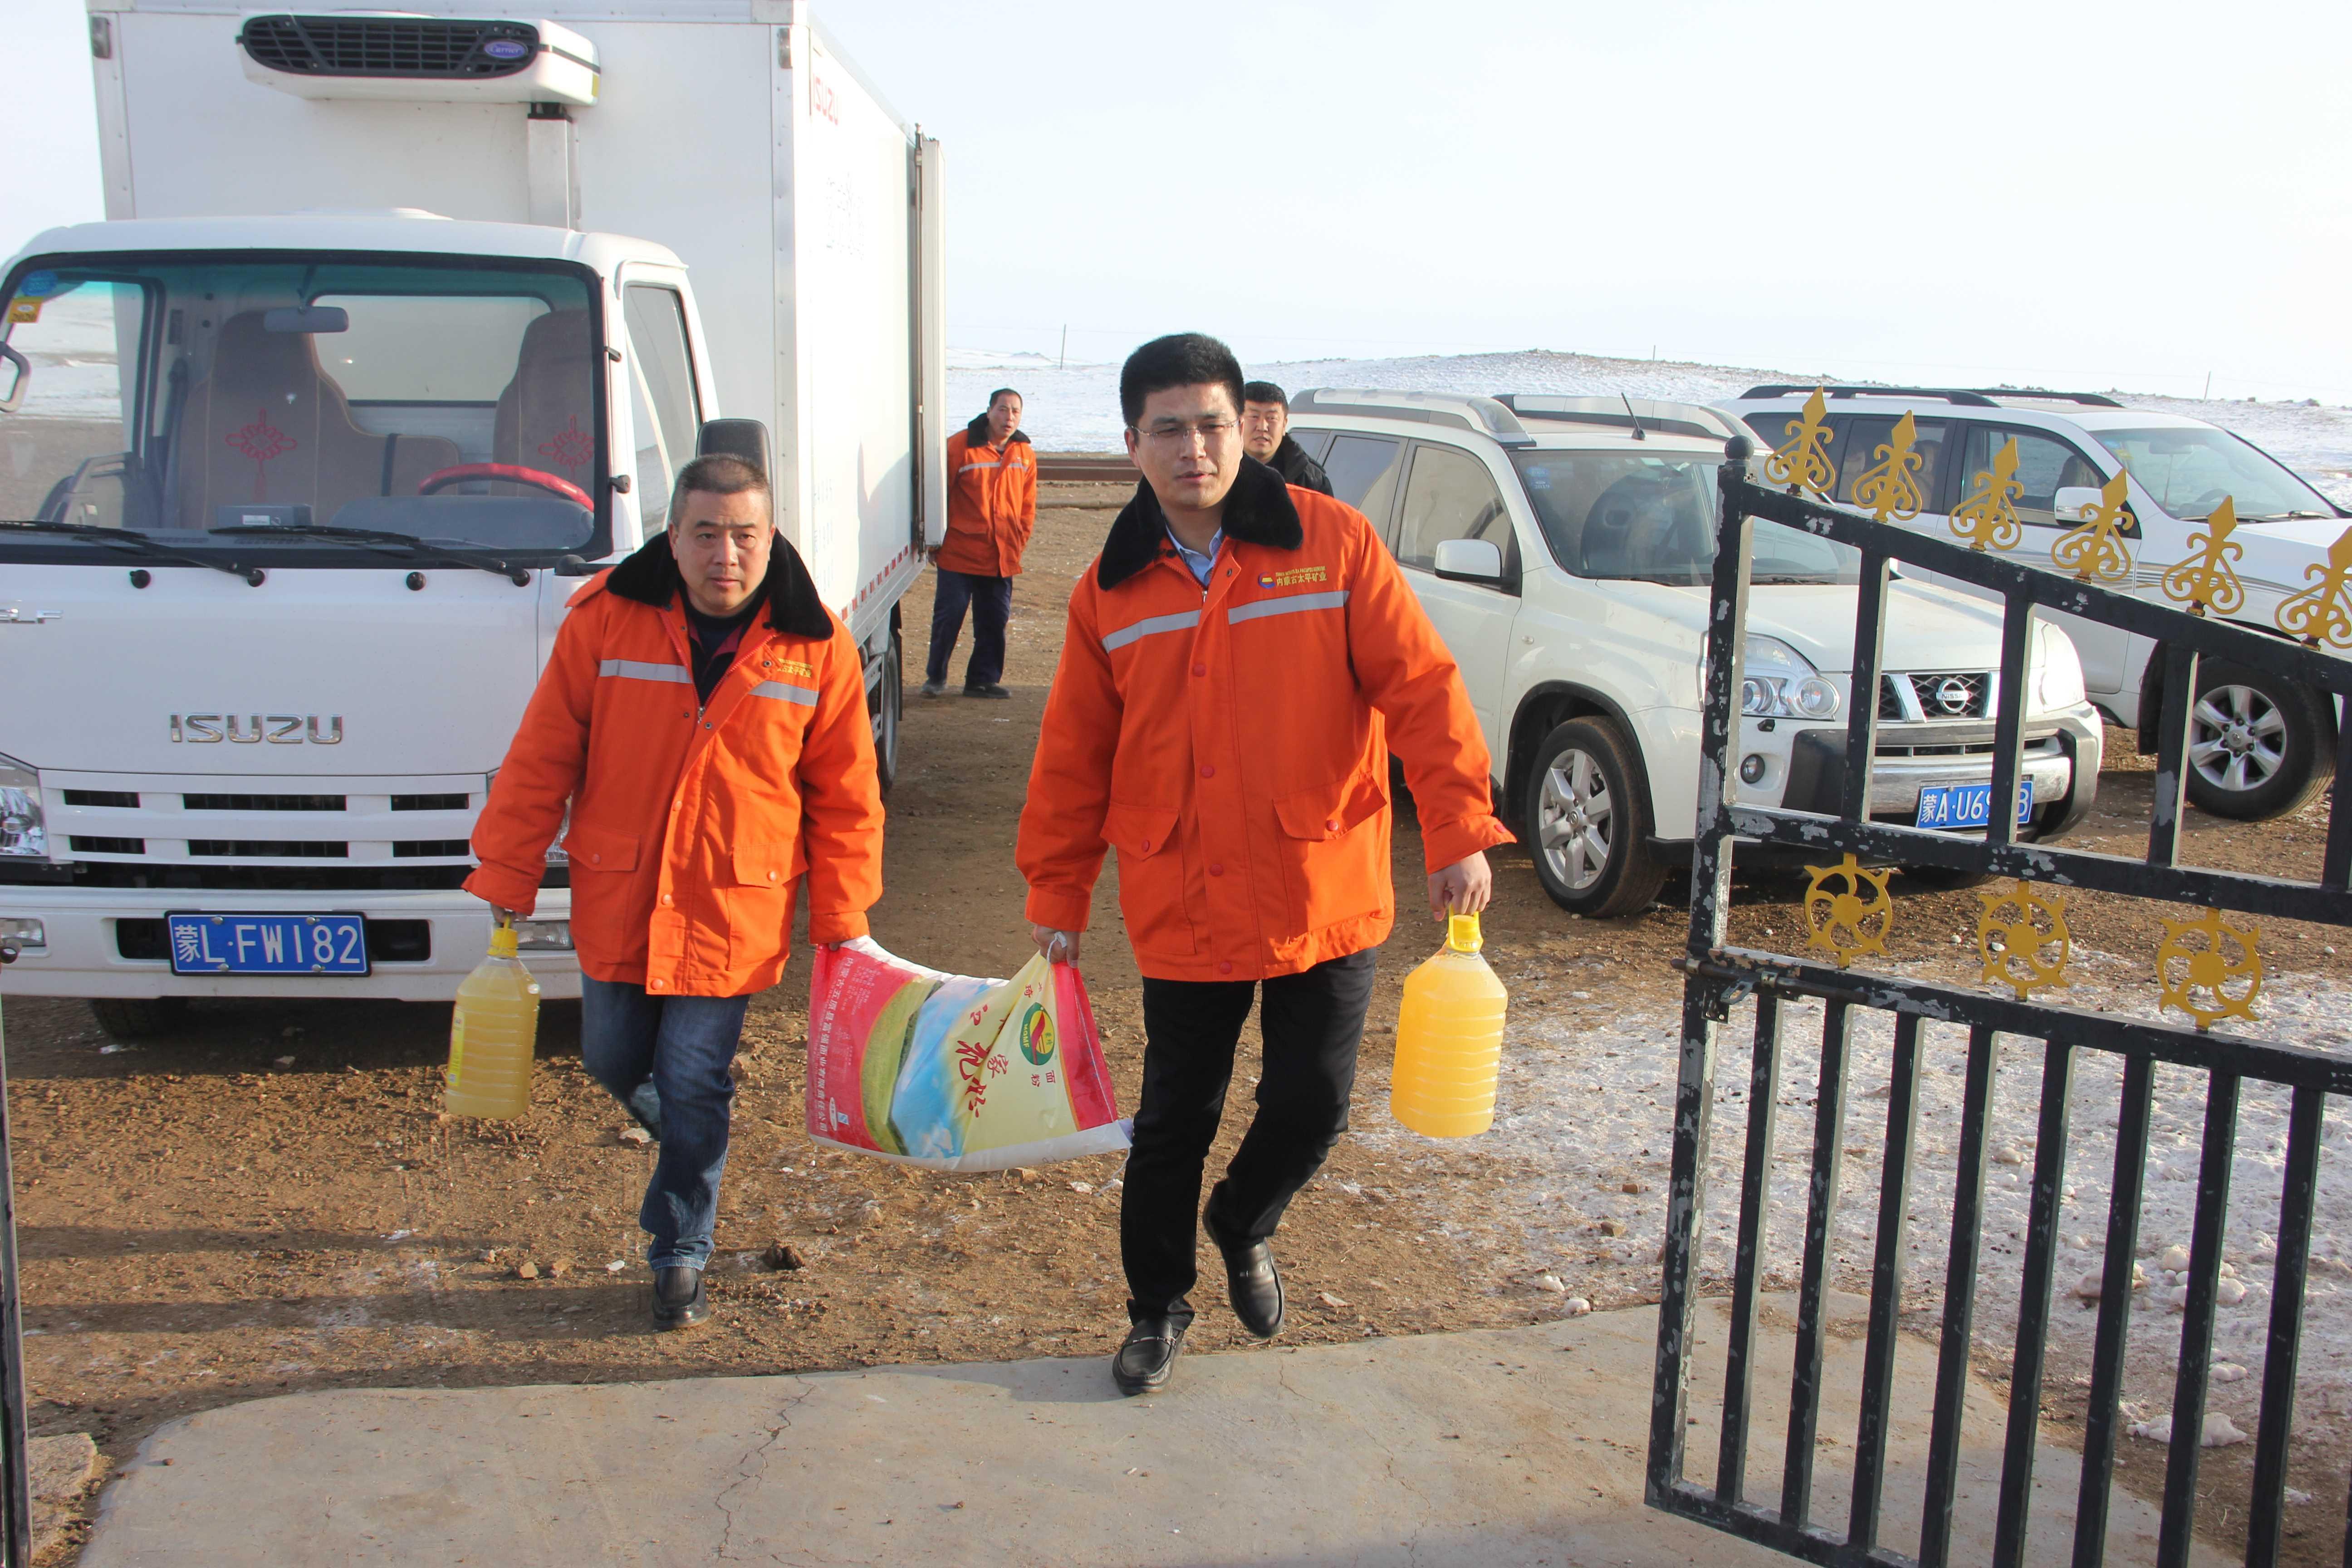 內蒙古太平開展春節前走訪慰問-給周邊牧民送米面油